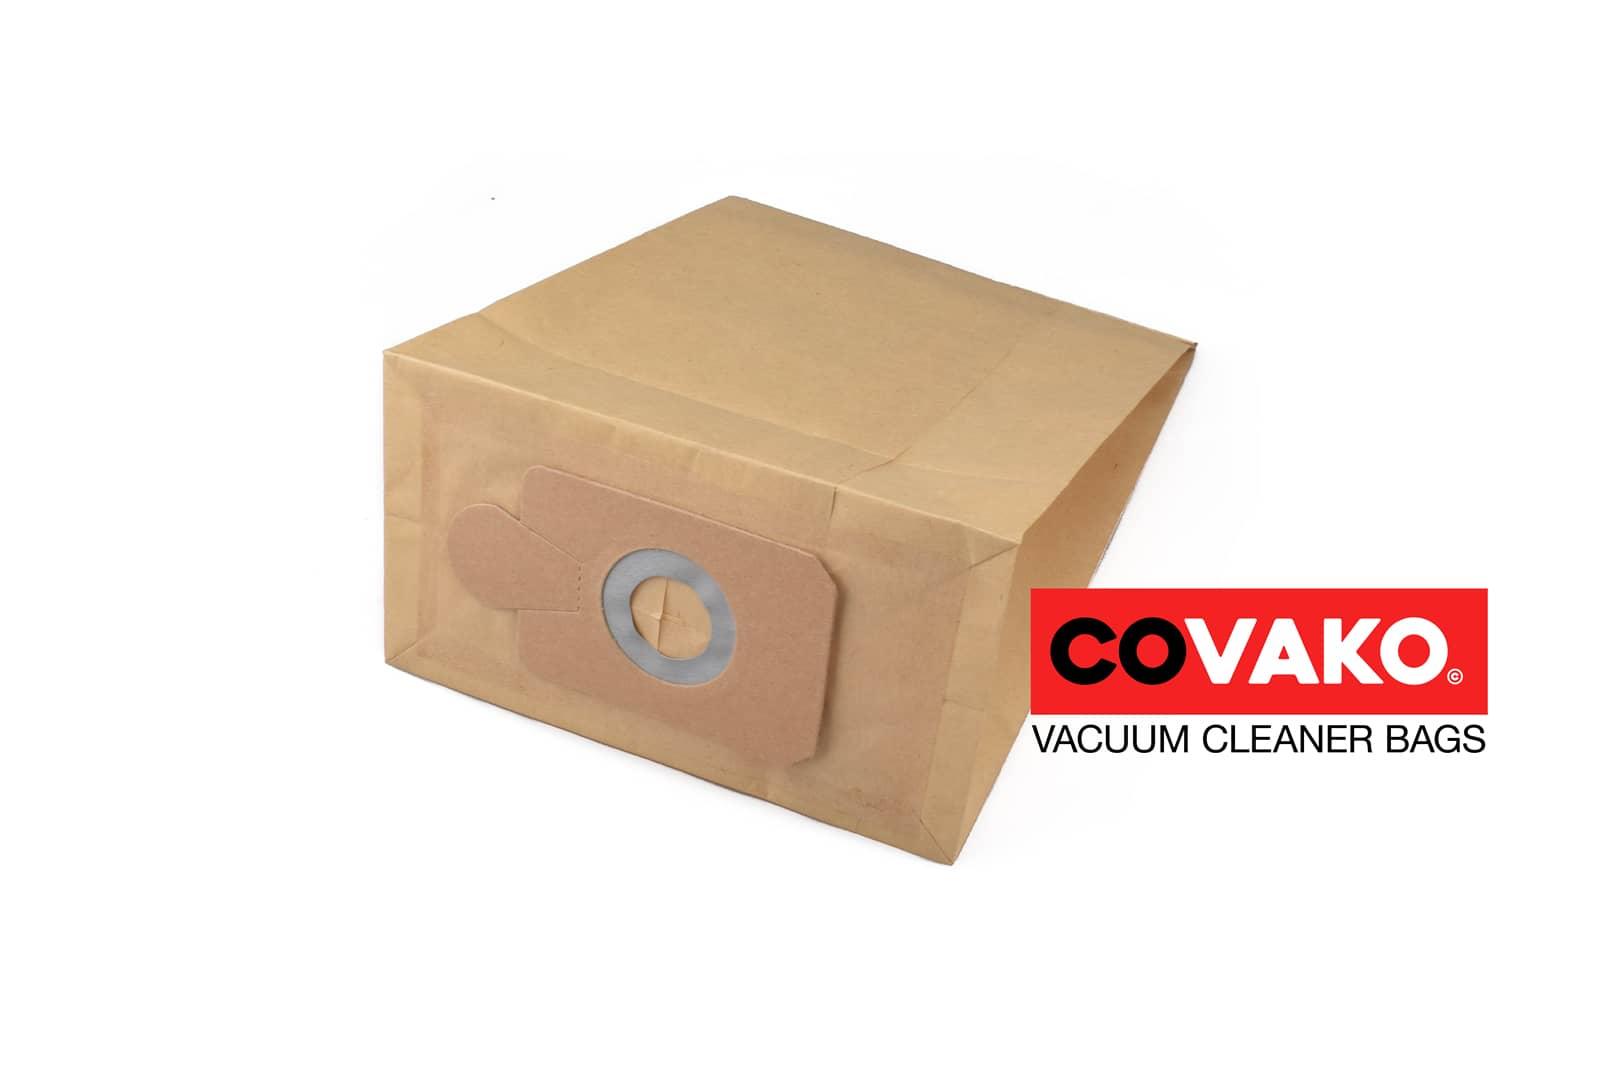 Numatic HVB 160-12 / Papier - Numatic sacs d'aspirateur